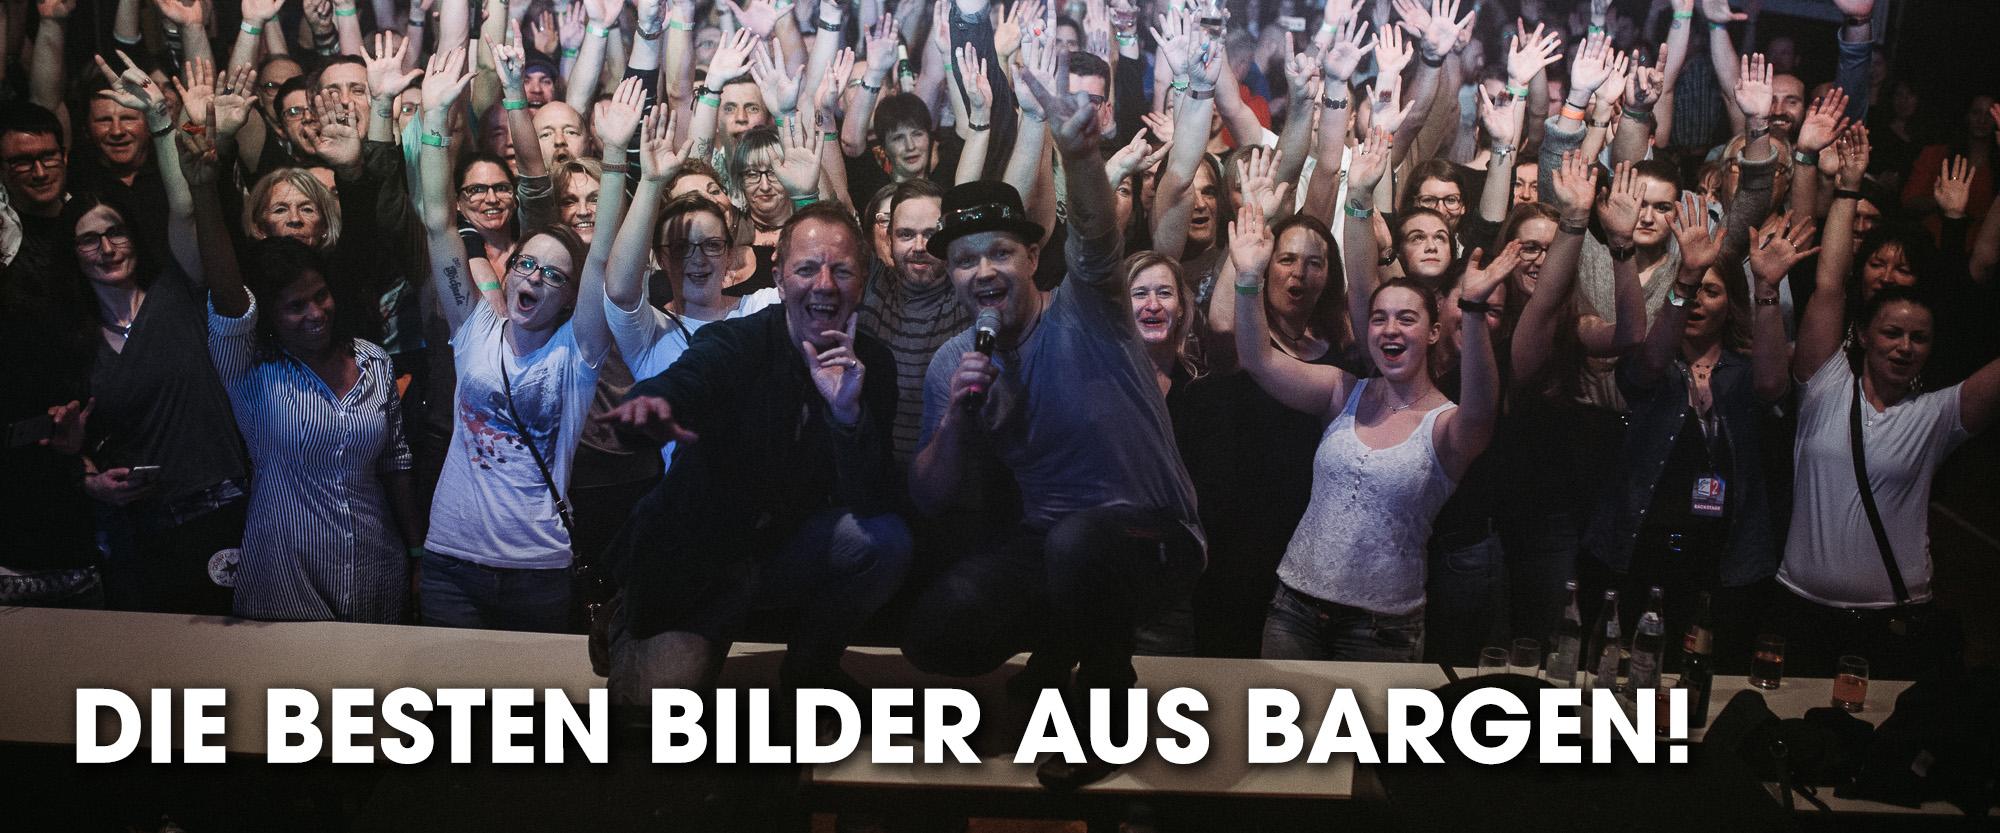 Rockschuppen-LIVE-BesteBilder-Bargen.jpg